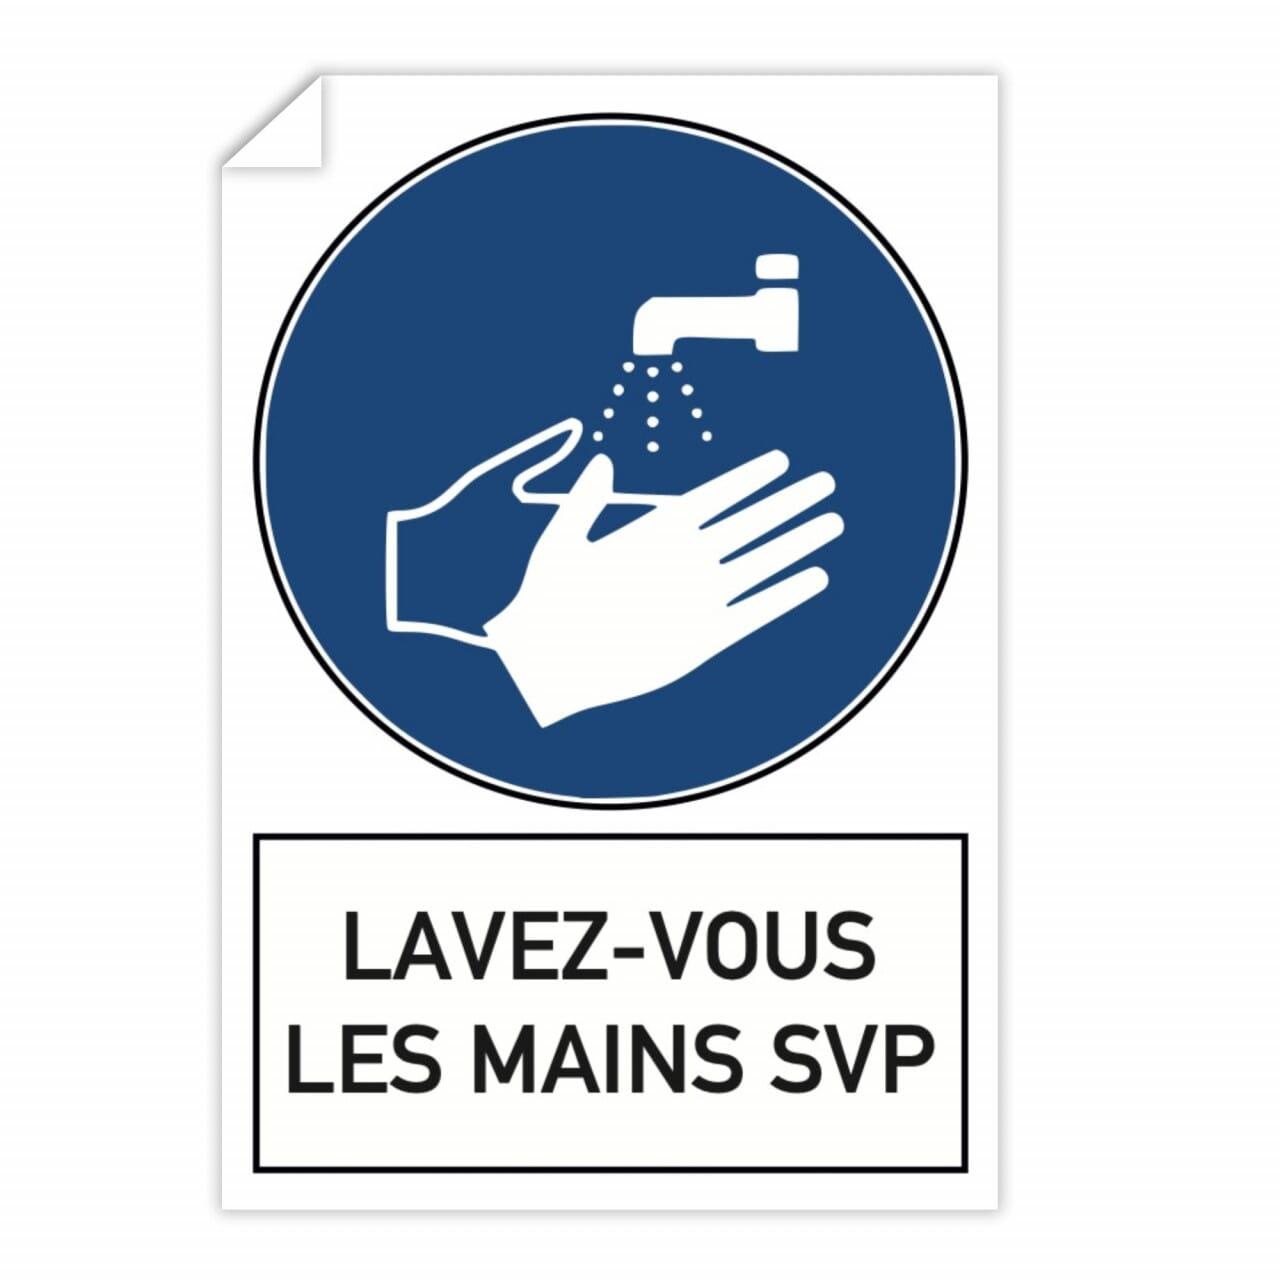 2 x maintenant se laver les mains-Vinyl Signes//Stickers 100 mm x 75 mm